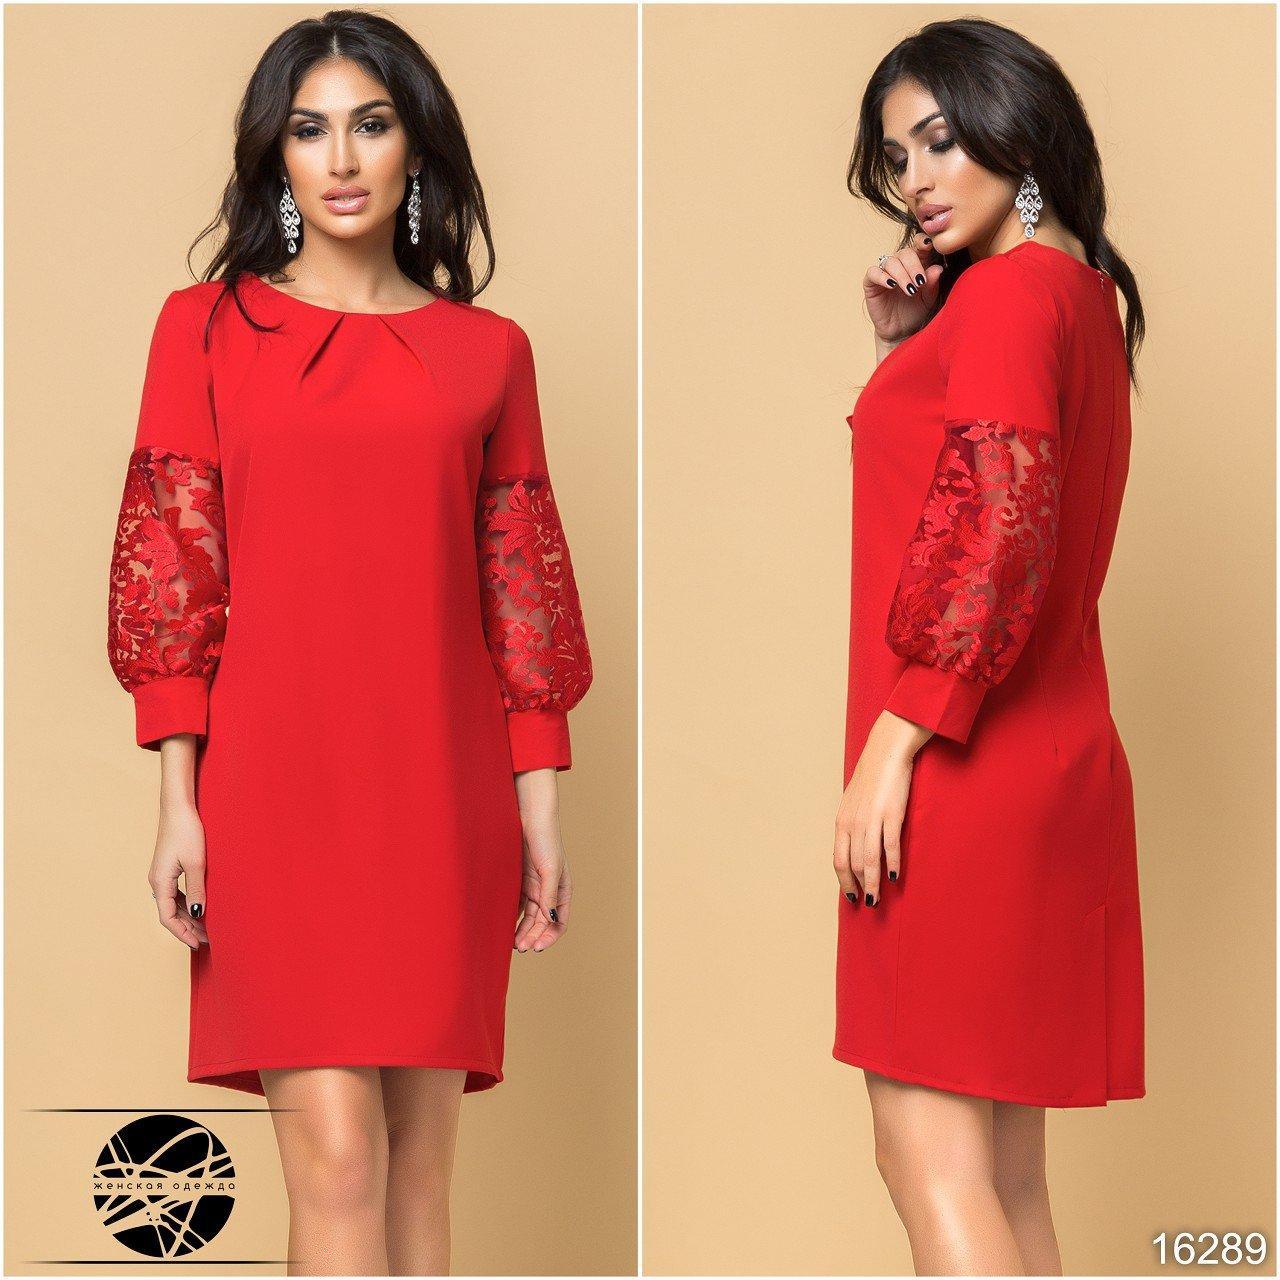 d9f29fcd62c Купить Вечернее платье красного цвета с кружевными рукавами. Модель ...